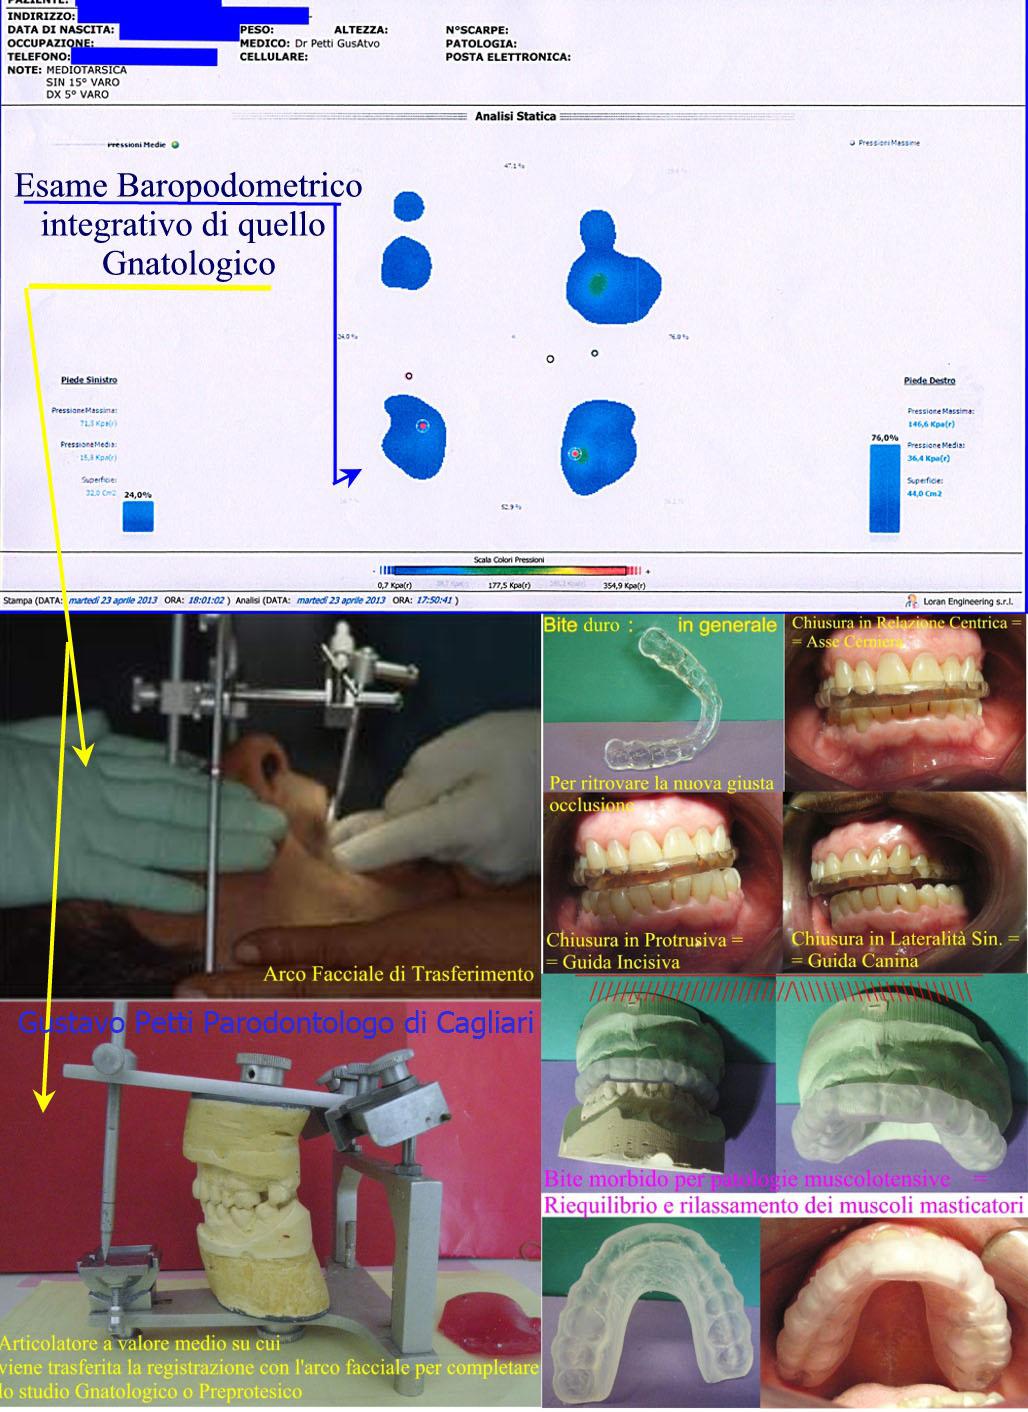 gnatologia-dr-g.petti-cagliari-19.jpg